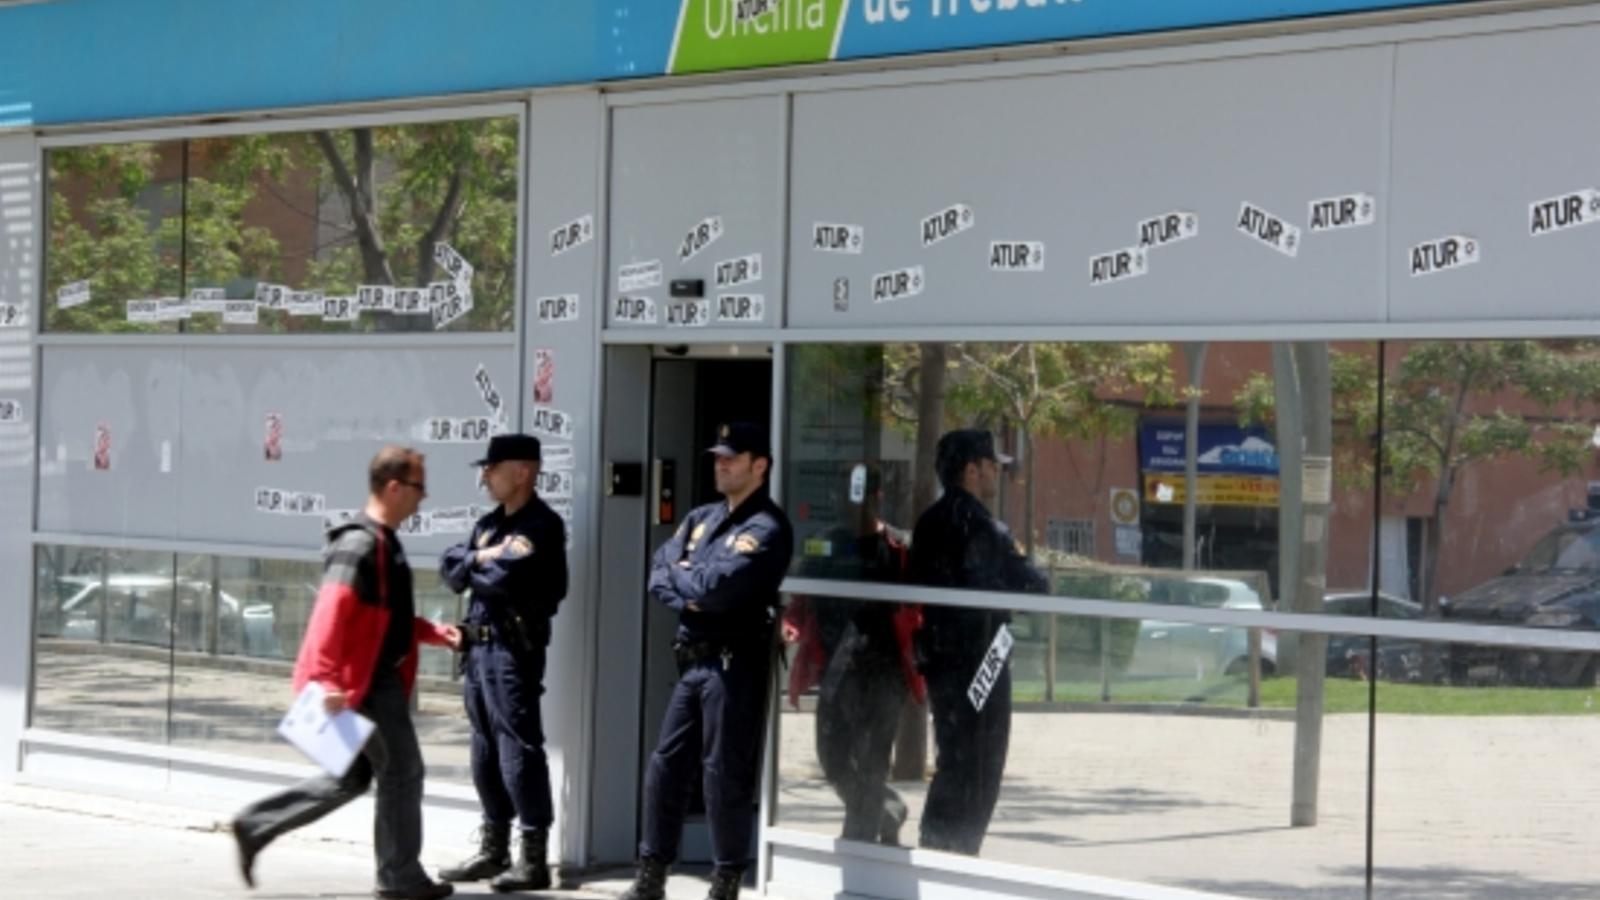 Uns 30 detinguts a catalunya en una operaci contra una for Oficina de treball